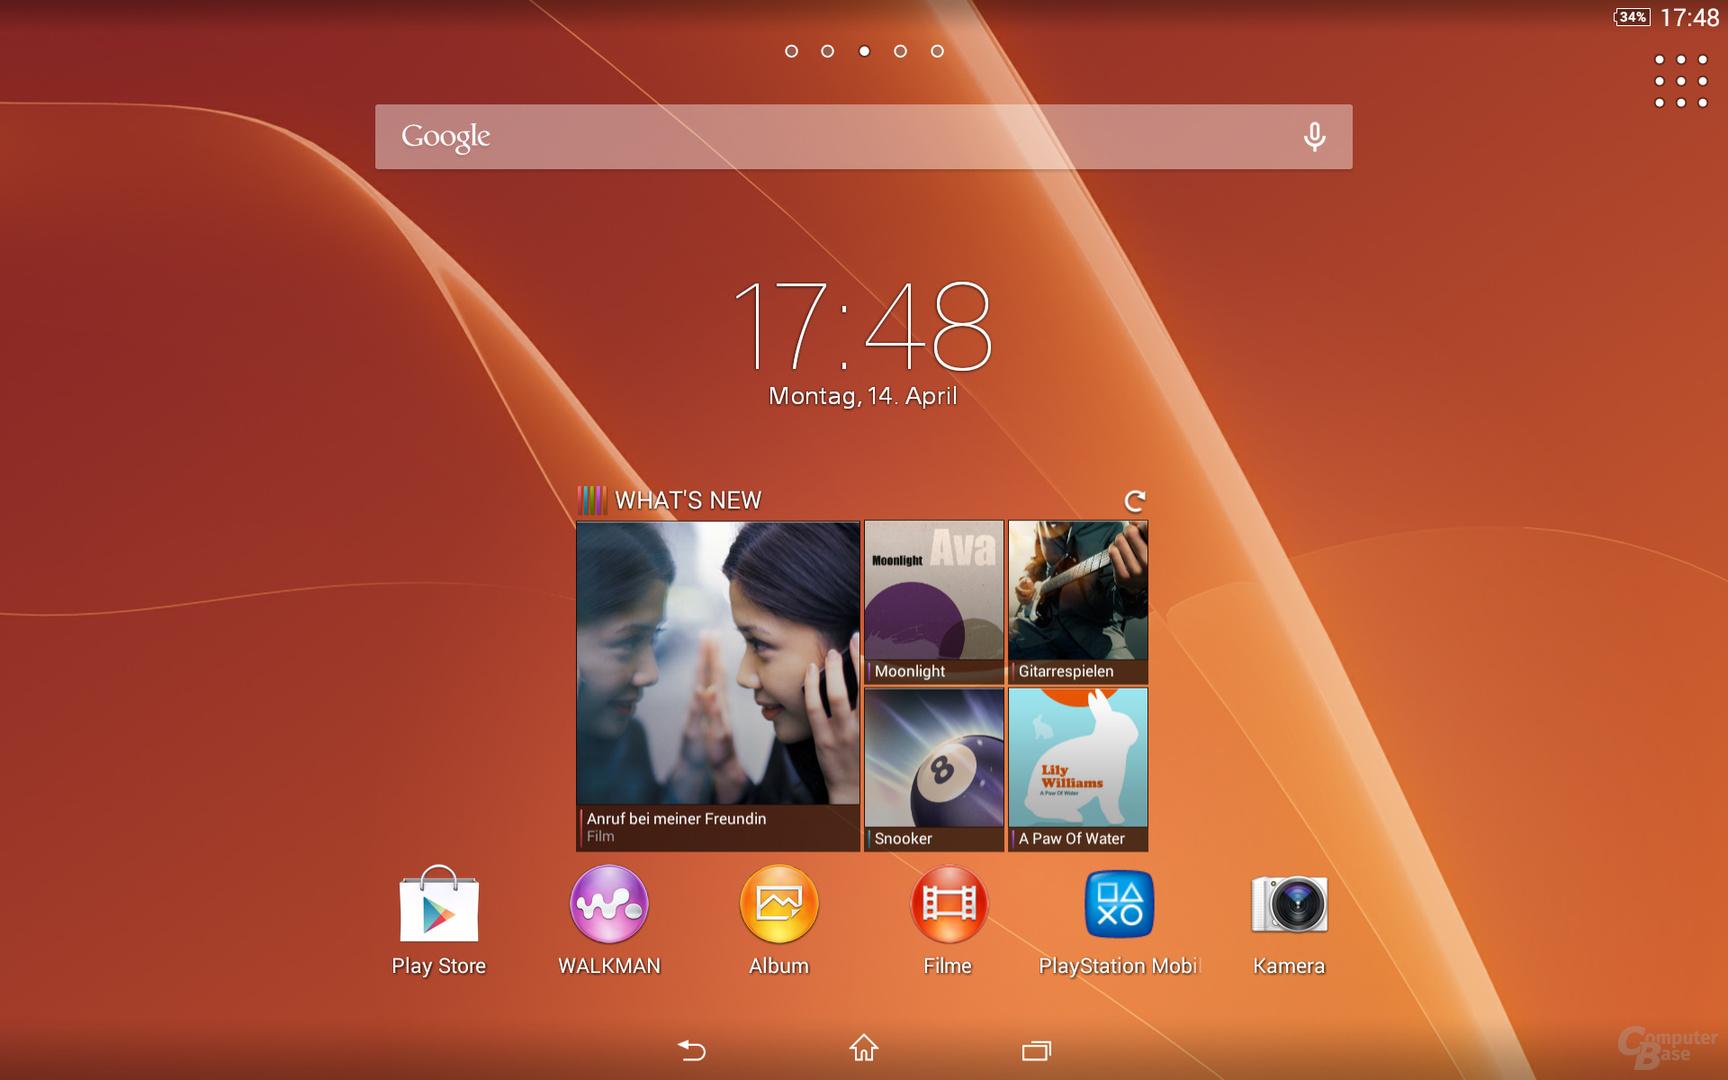 Sony Xperia Z2 Tablet Homescreen